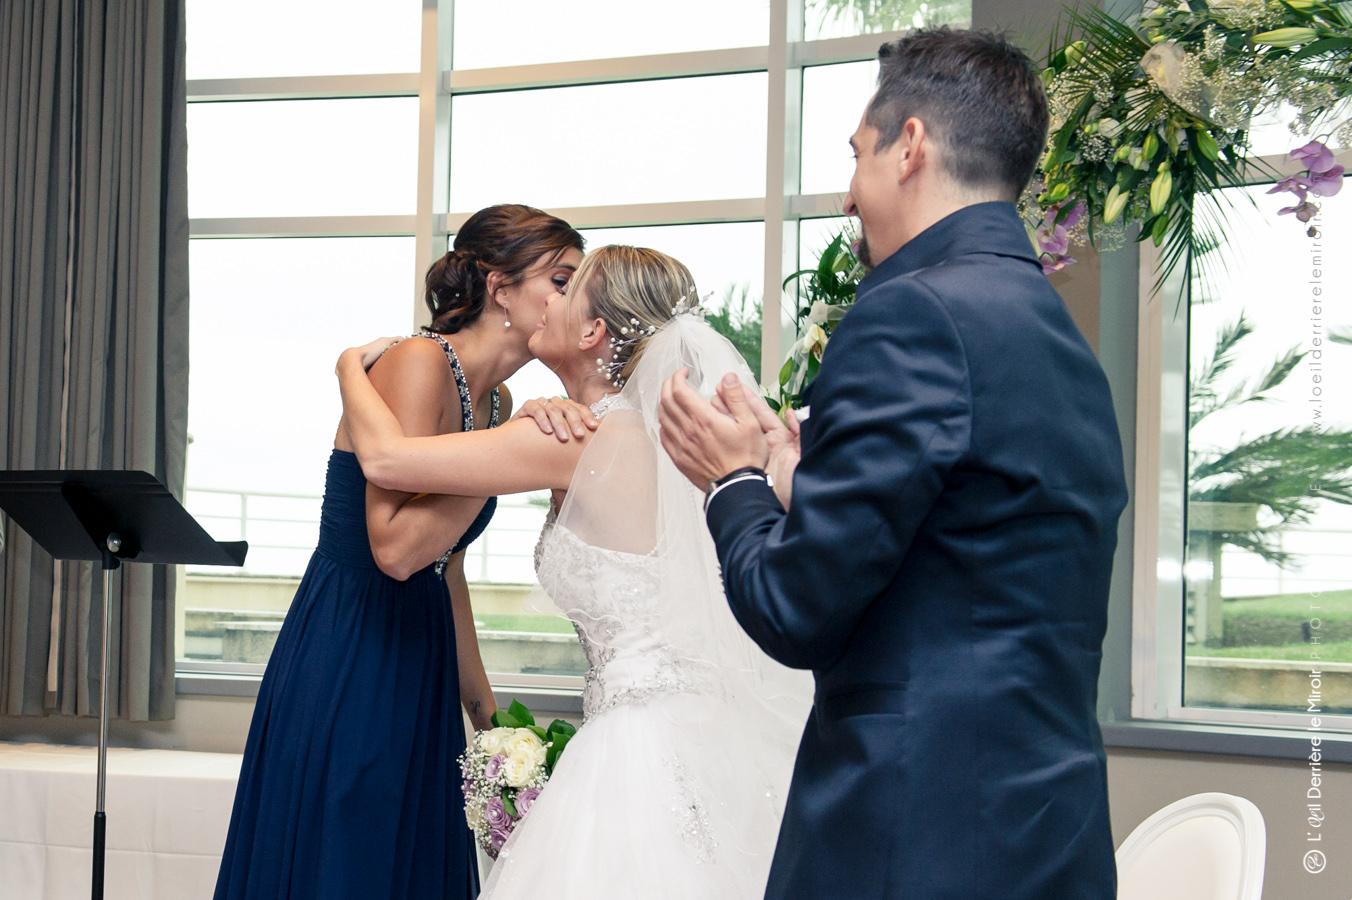 Photographe-mariage-monaco-loeilderrierelemiroir-051